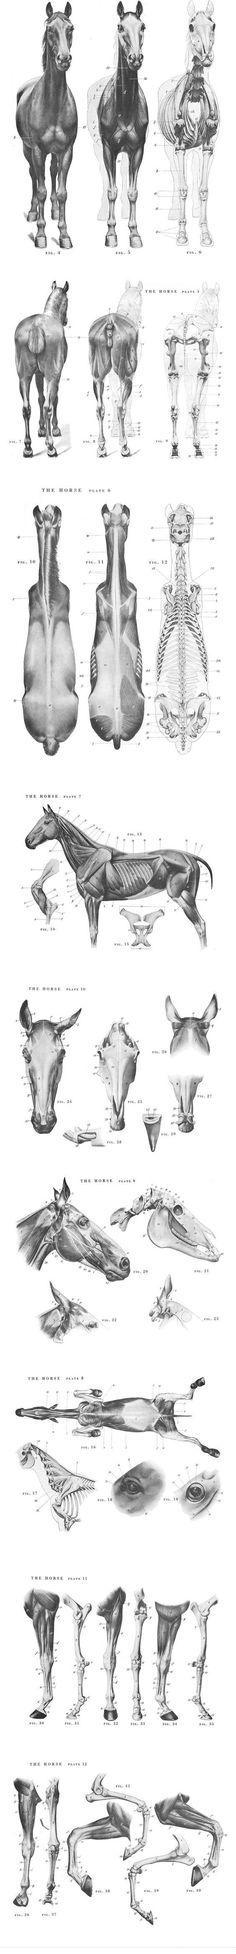 Животные. Лошадь целиком